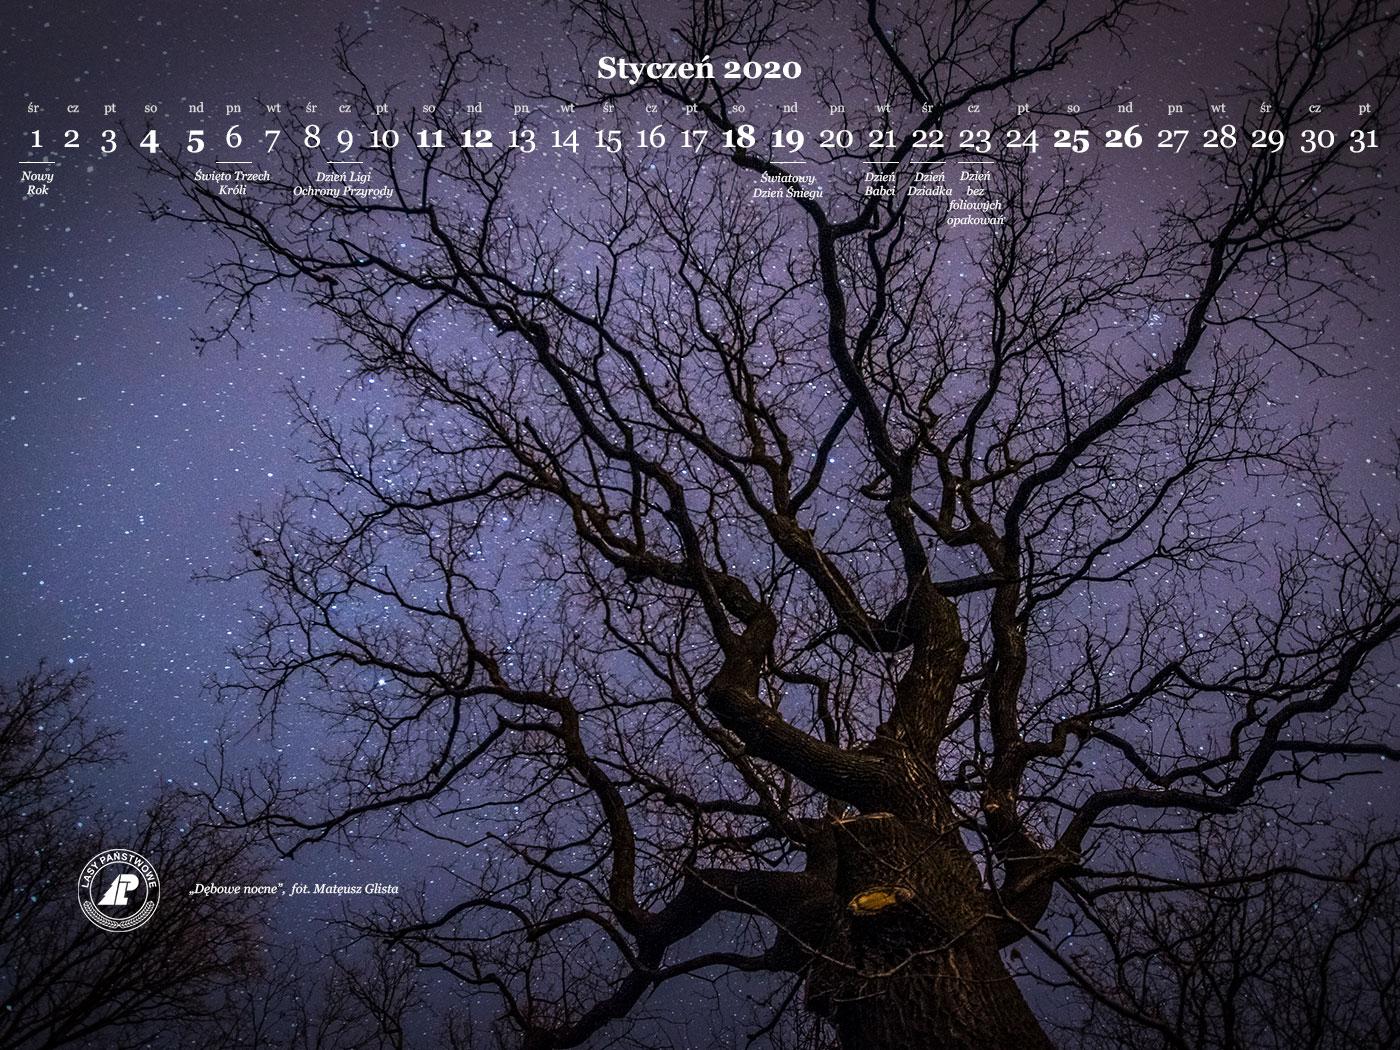 kalendarz_styczen_2020_1400x1050.jpg